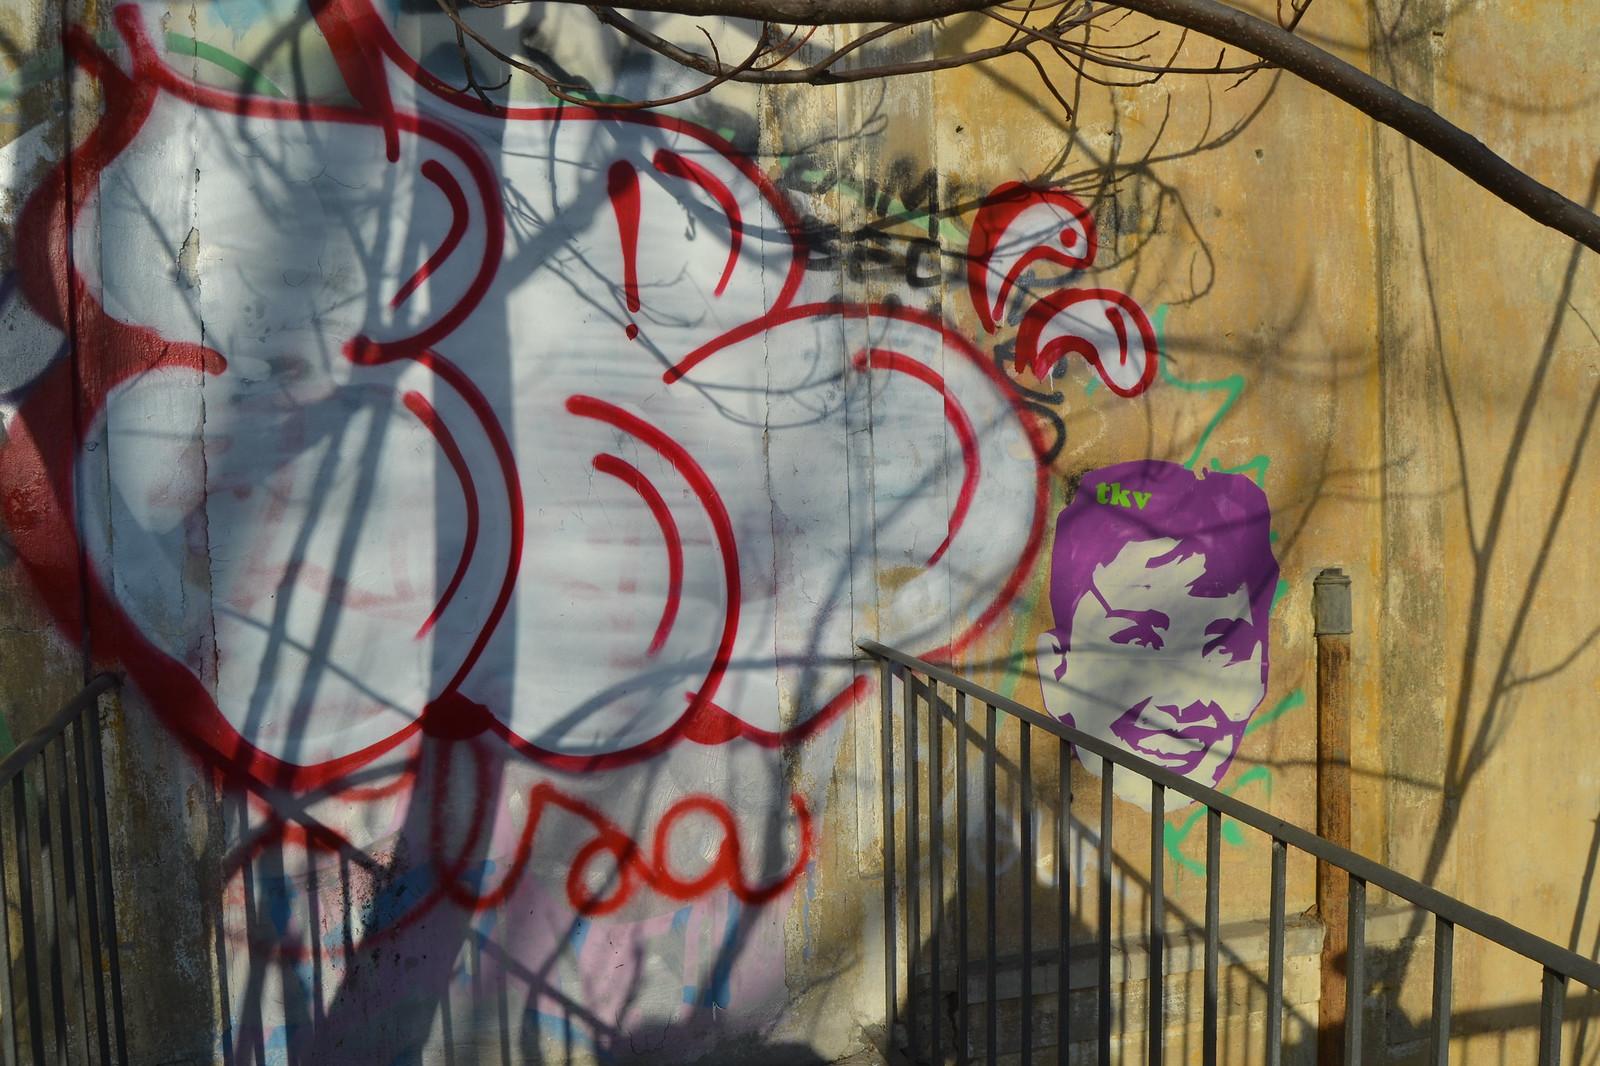 Torino. 22/01/2017 fotos de zeroanodino para URBANARTIMAÑA